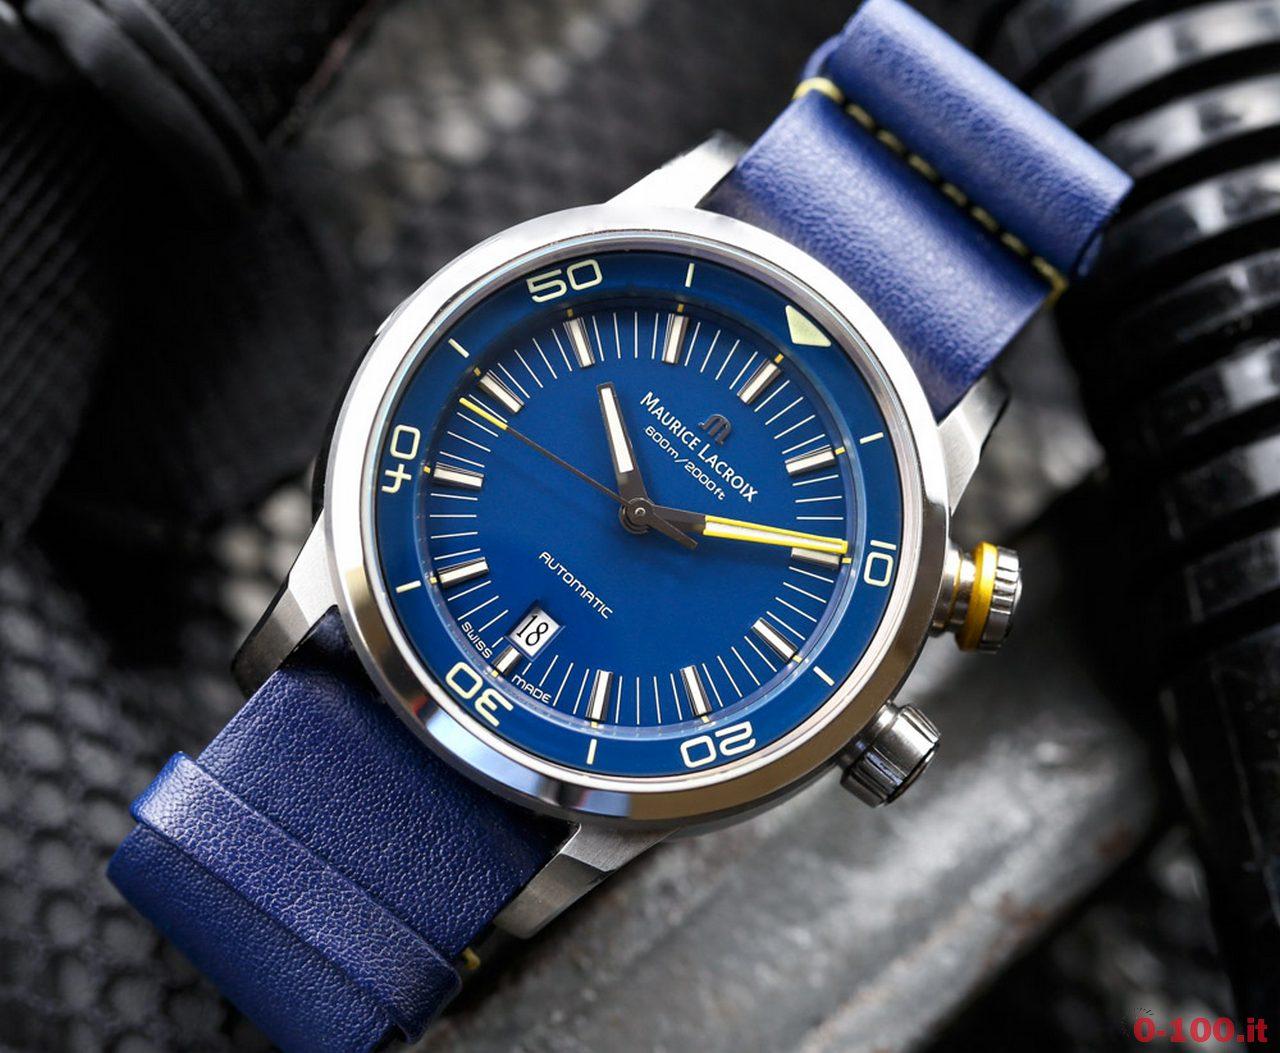 Maurice-Lacroix-Pontos-S-Diver-Blue-Devil-watch-6